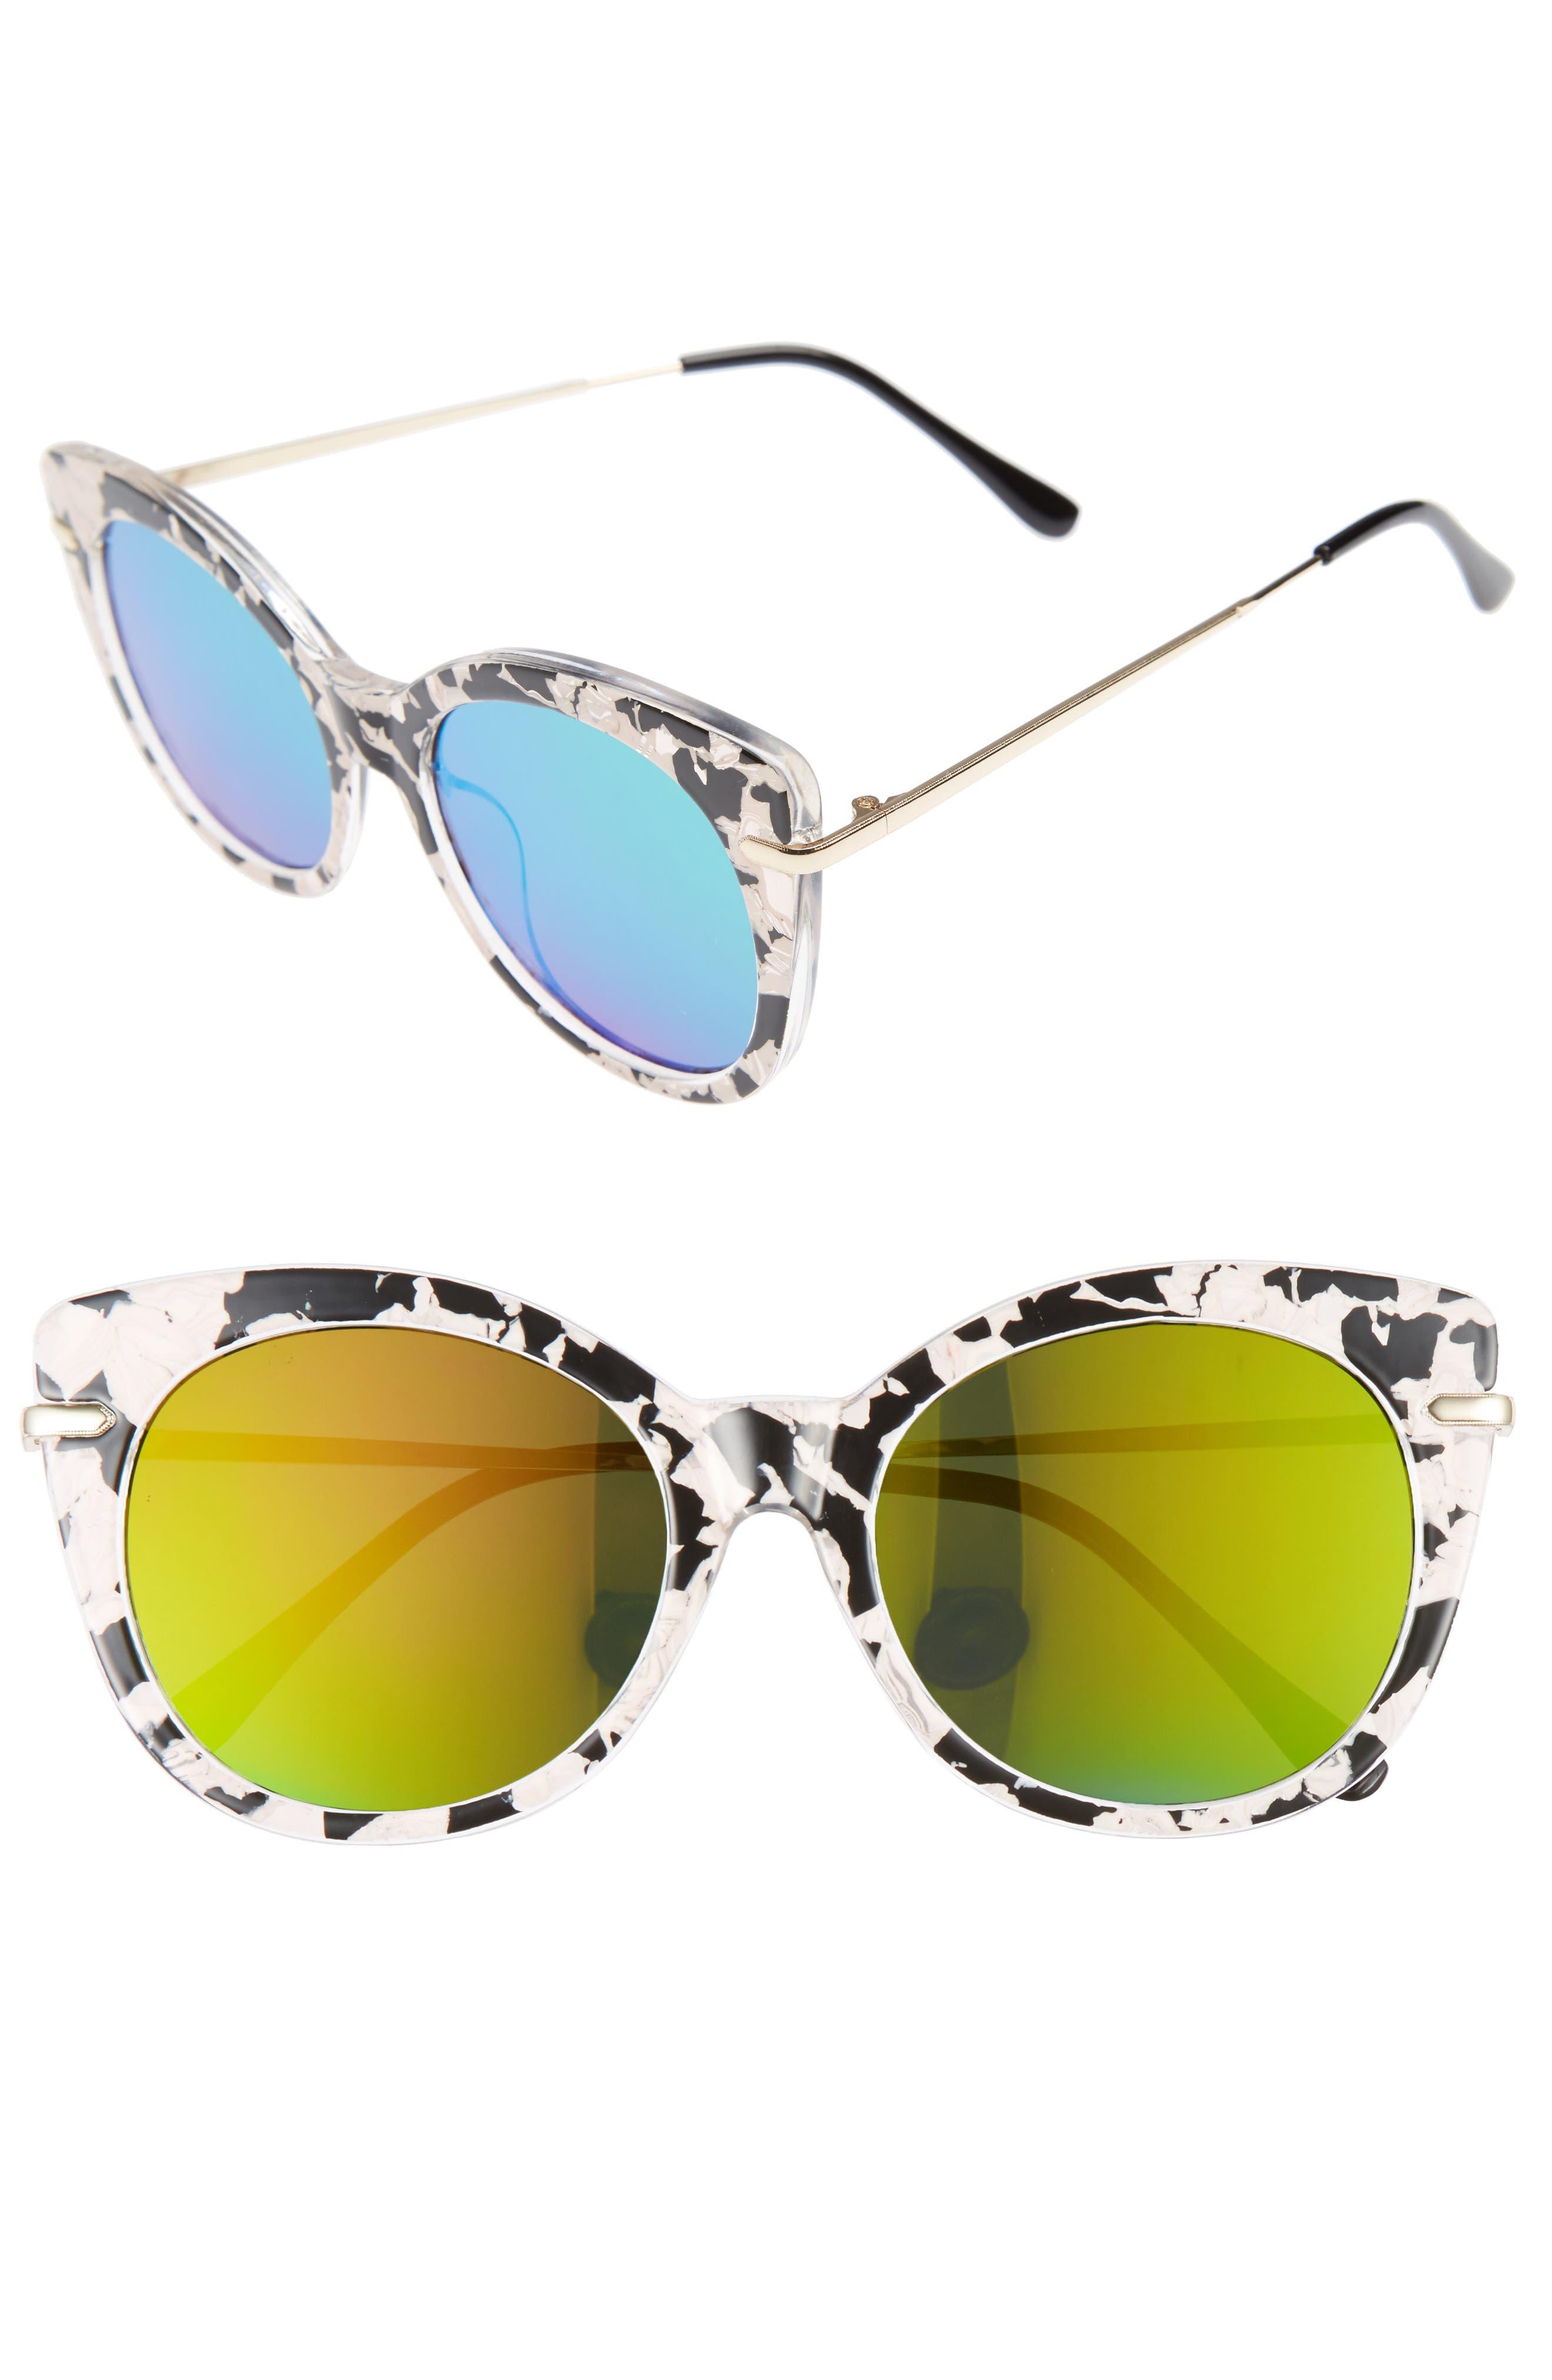 Main Image - BP. Kitty 52mm Mirrored Cat Eye Sunglasses